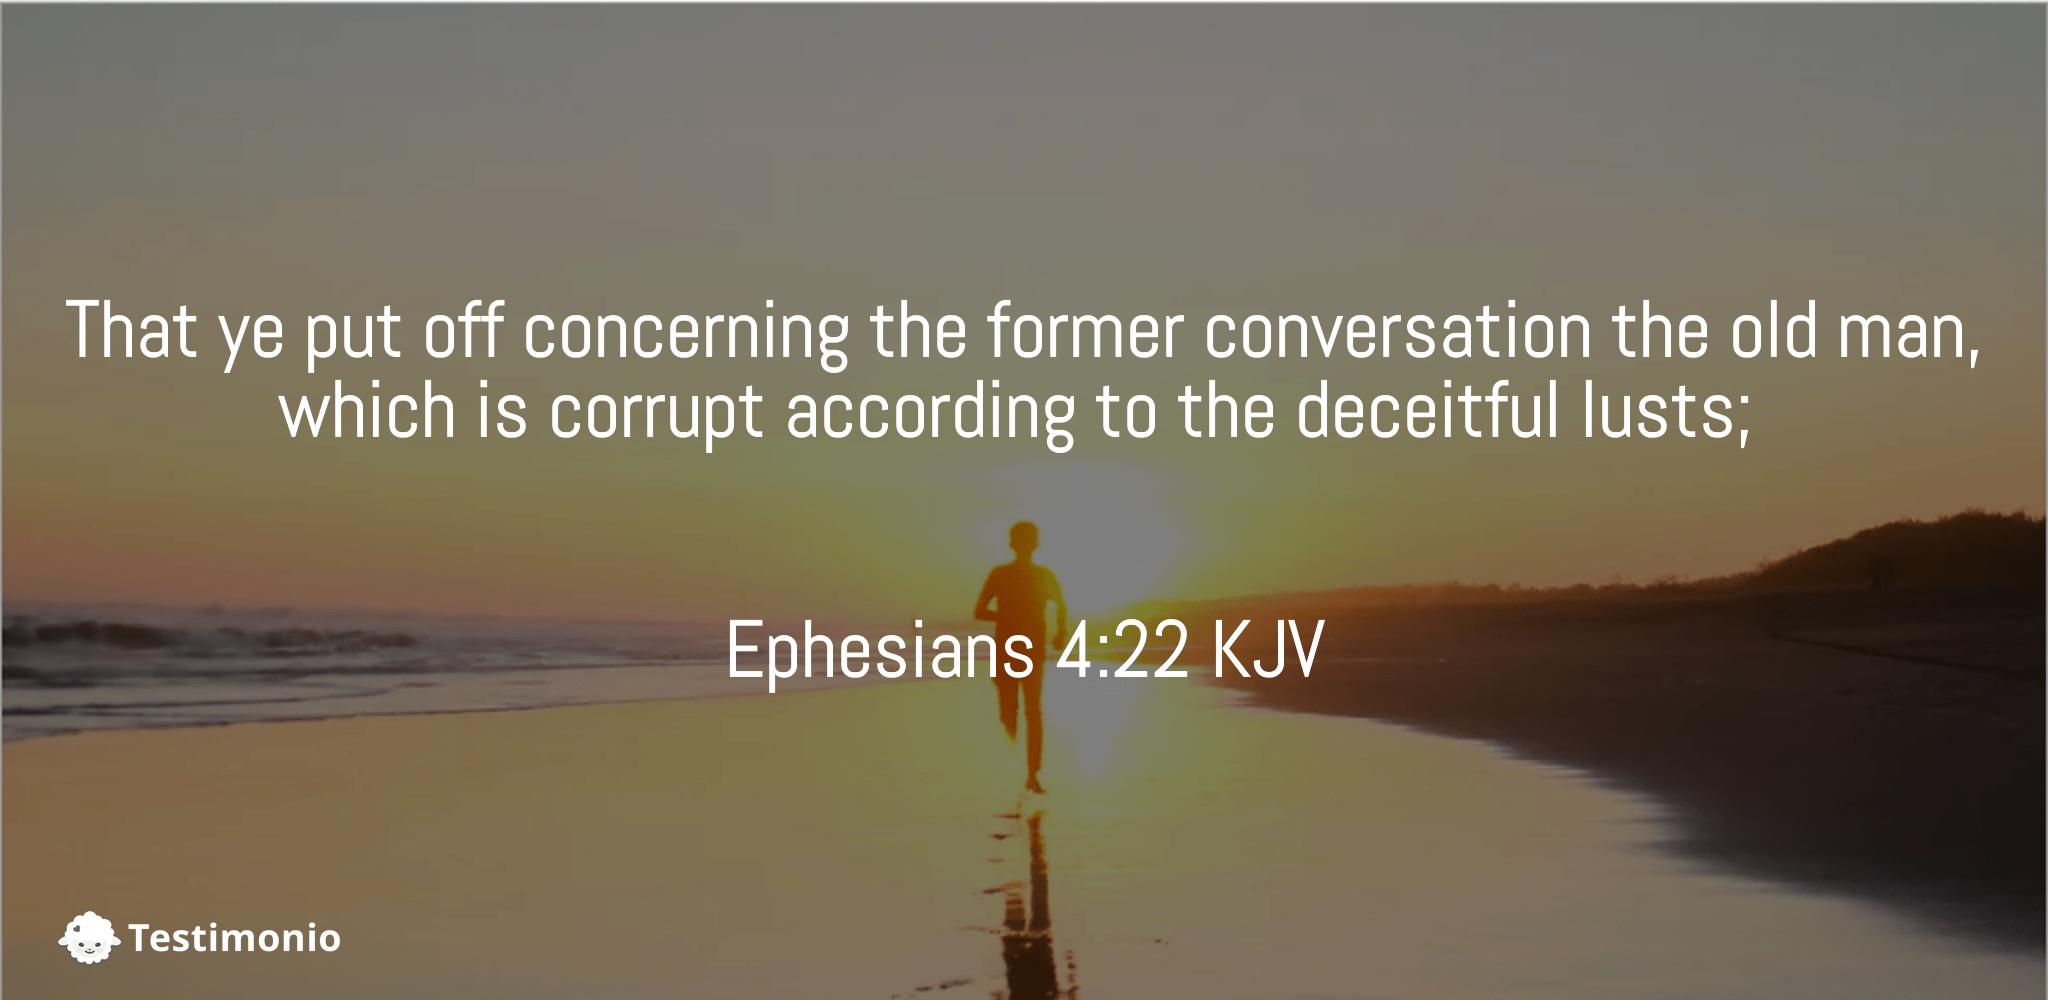 Ephesians 4:22